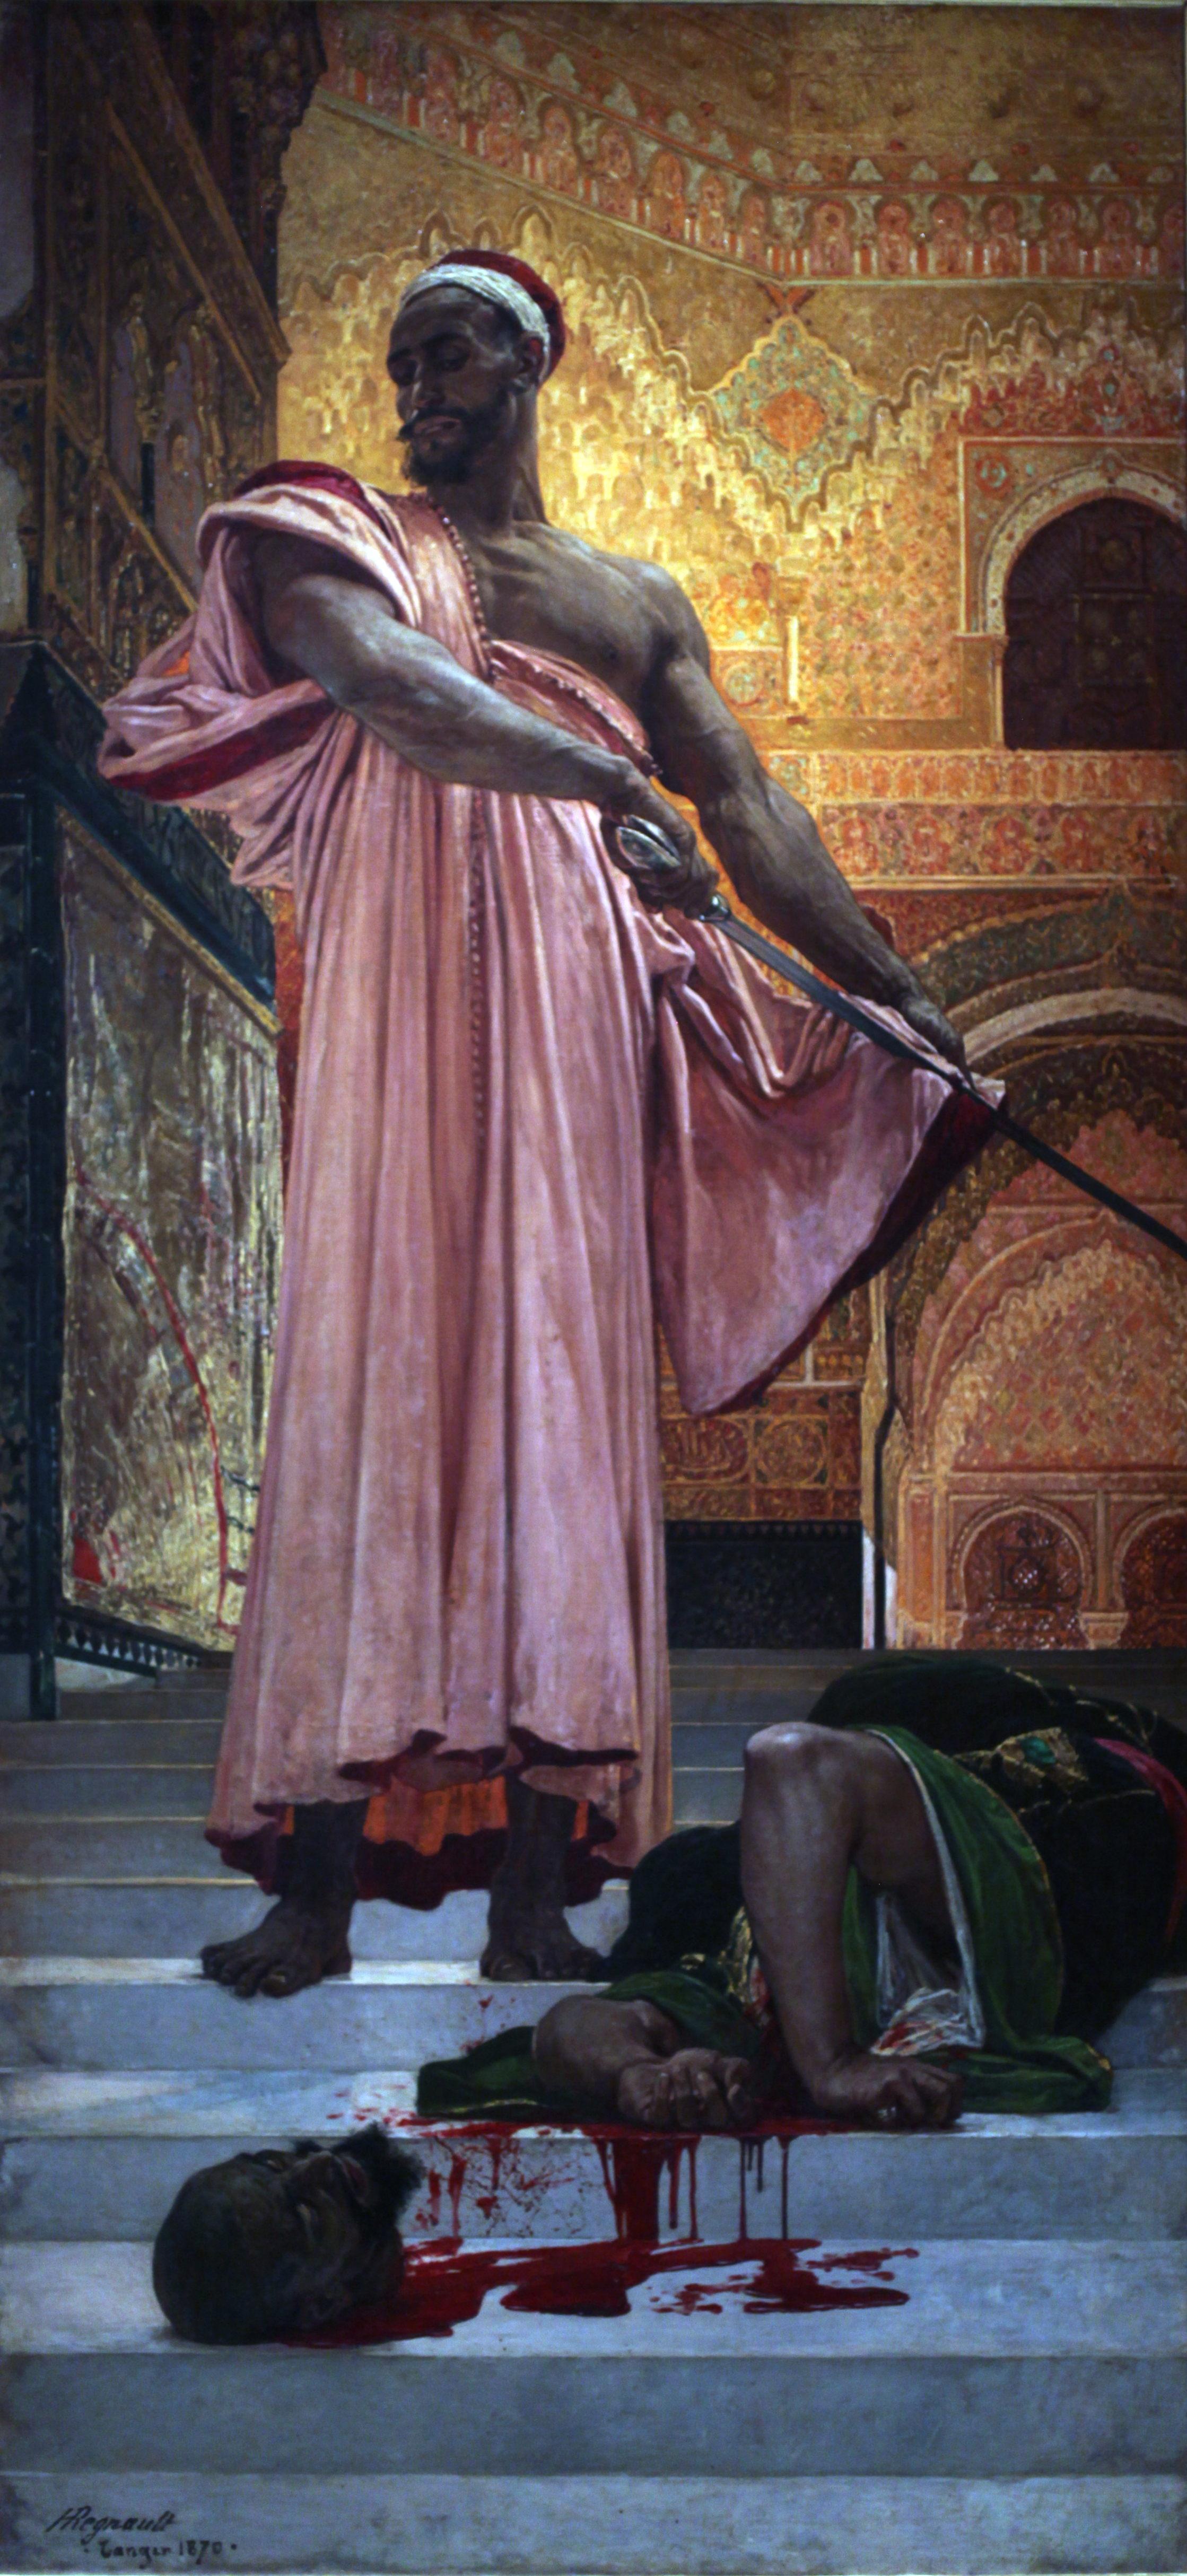 Exemple de peinture orientaliste : Henri Régnault, Exécution sans jugement sous les rois maures de Grenade, 3,02m x 1,46 m, 1970, musée d'Orsay.